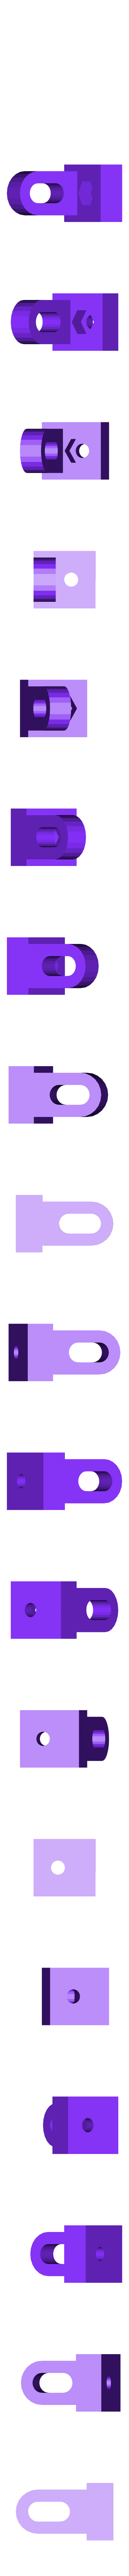 FanHolderBracket.stl Télécharger fichier STL gratuit Support de ventilateur à démontage rapide • Objet pour impression 3D, Duskwin